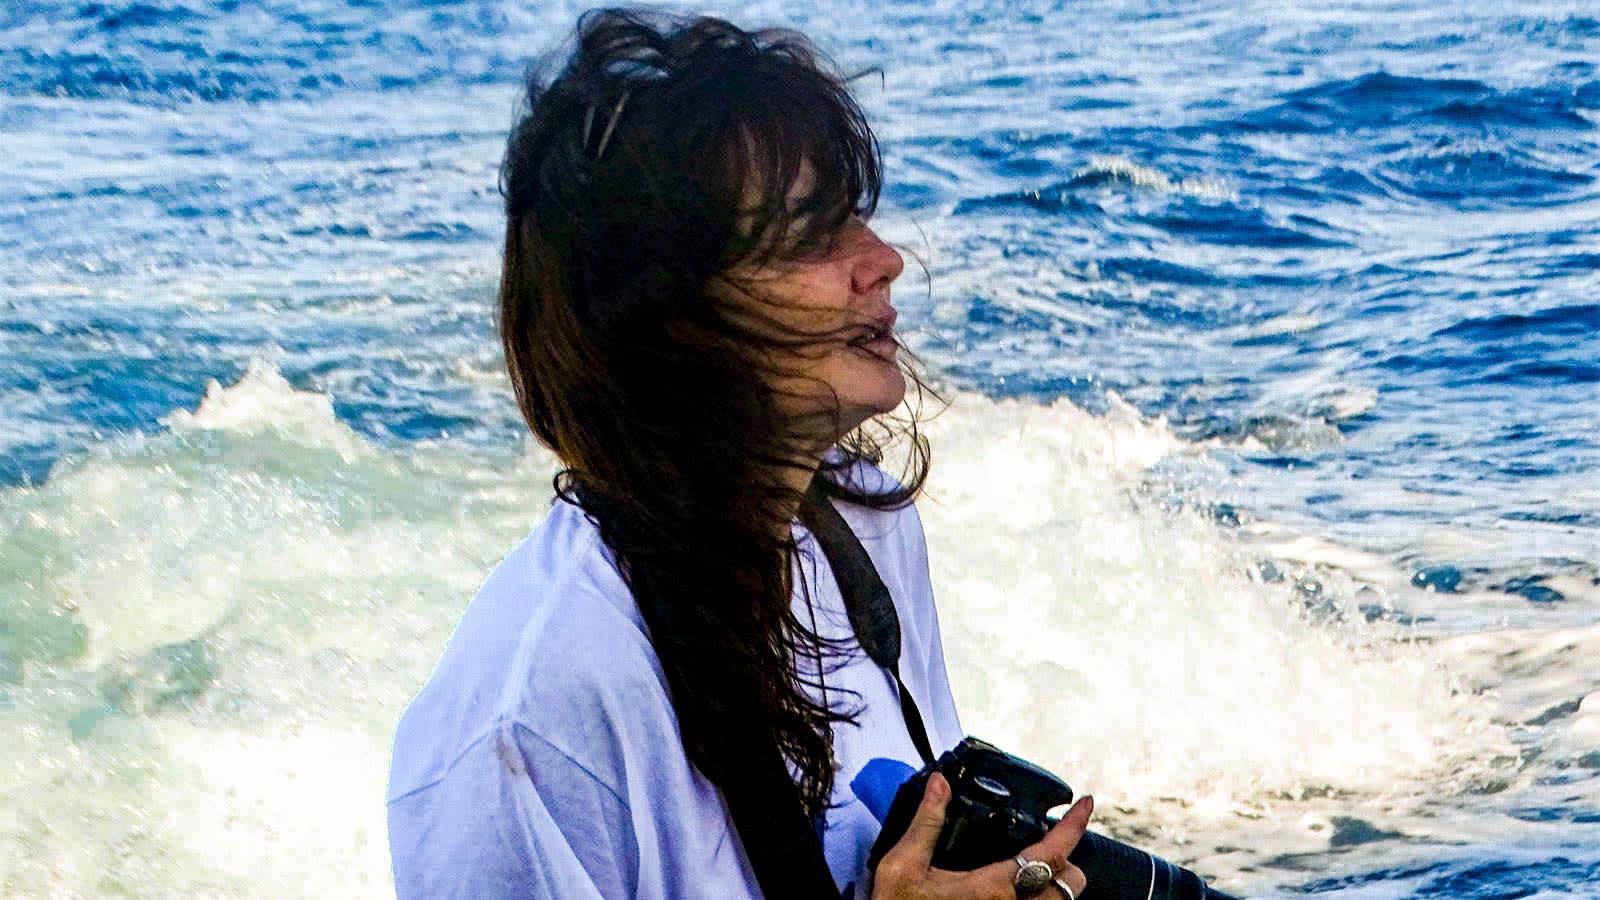 الحيتان الحدباء في كينيا..كيف كشفت محامية بريطانية سر لا يعلم عنه سوى الصيادين؟